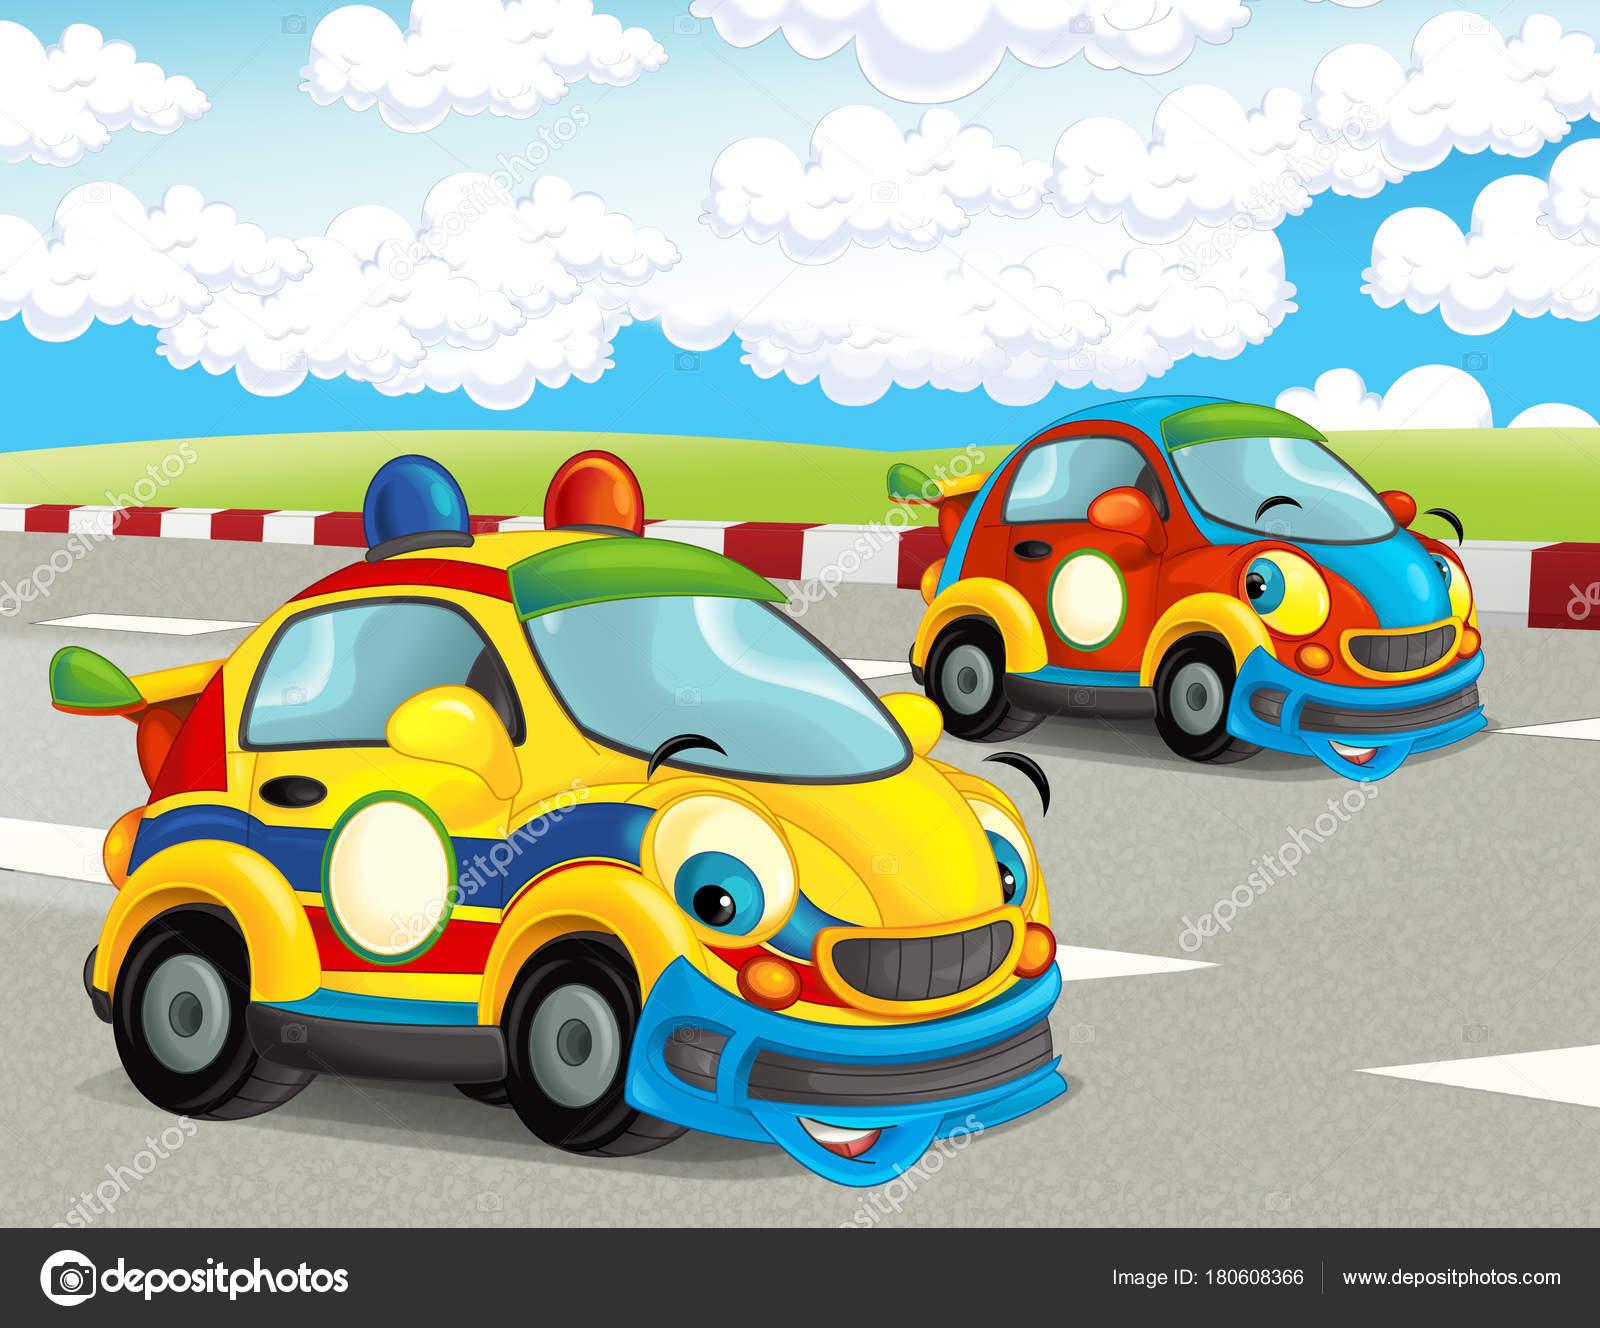 dessin anim drle et joyeux la recherche voitures de course sur piste de course illustration pour enfants image de illustrator_hft - Voiture De Course Dessin Anim